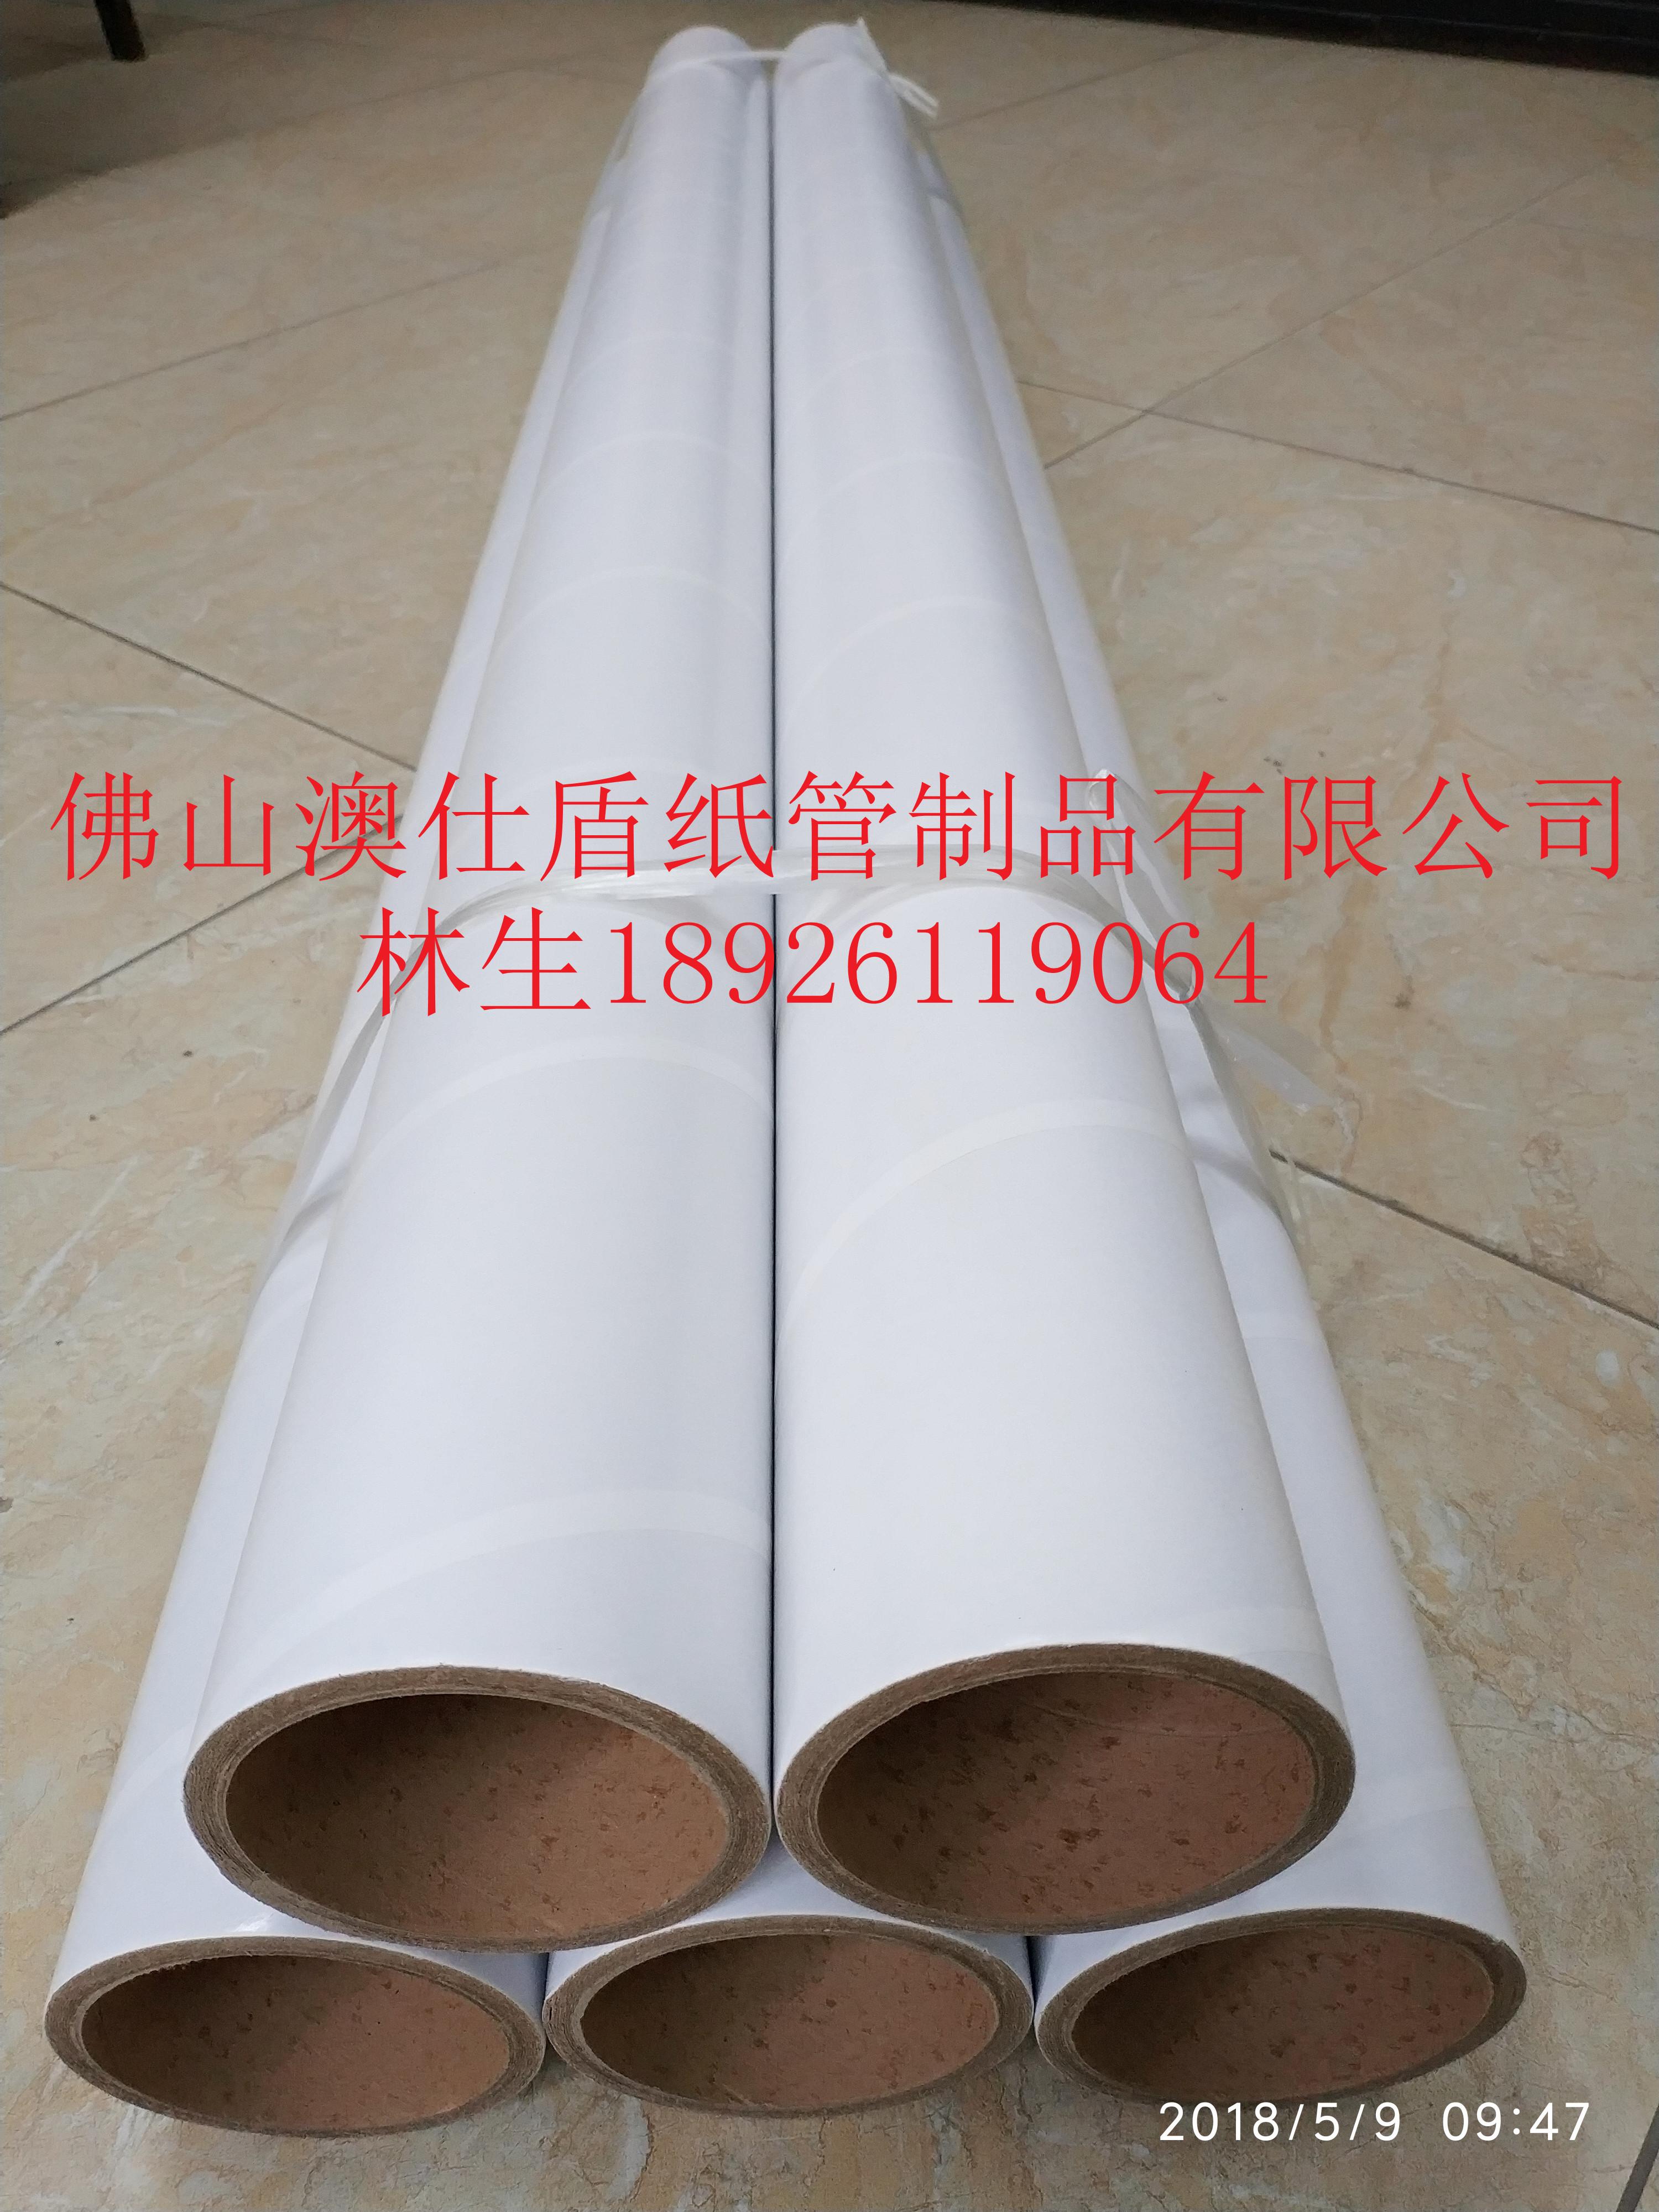 高强度纸管 纱管纸纸管 无缝纸管 大壁厚纸管 厚纸管 高强纸管 纸管用途 纸管 纸筒